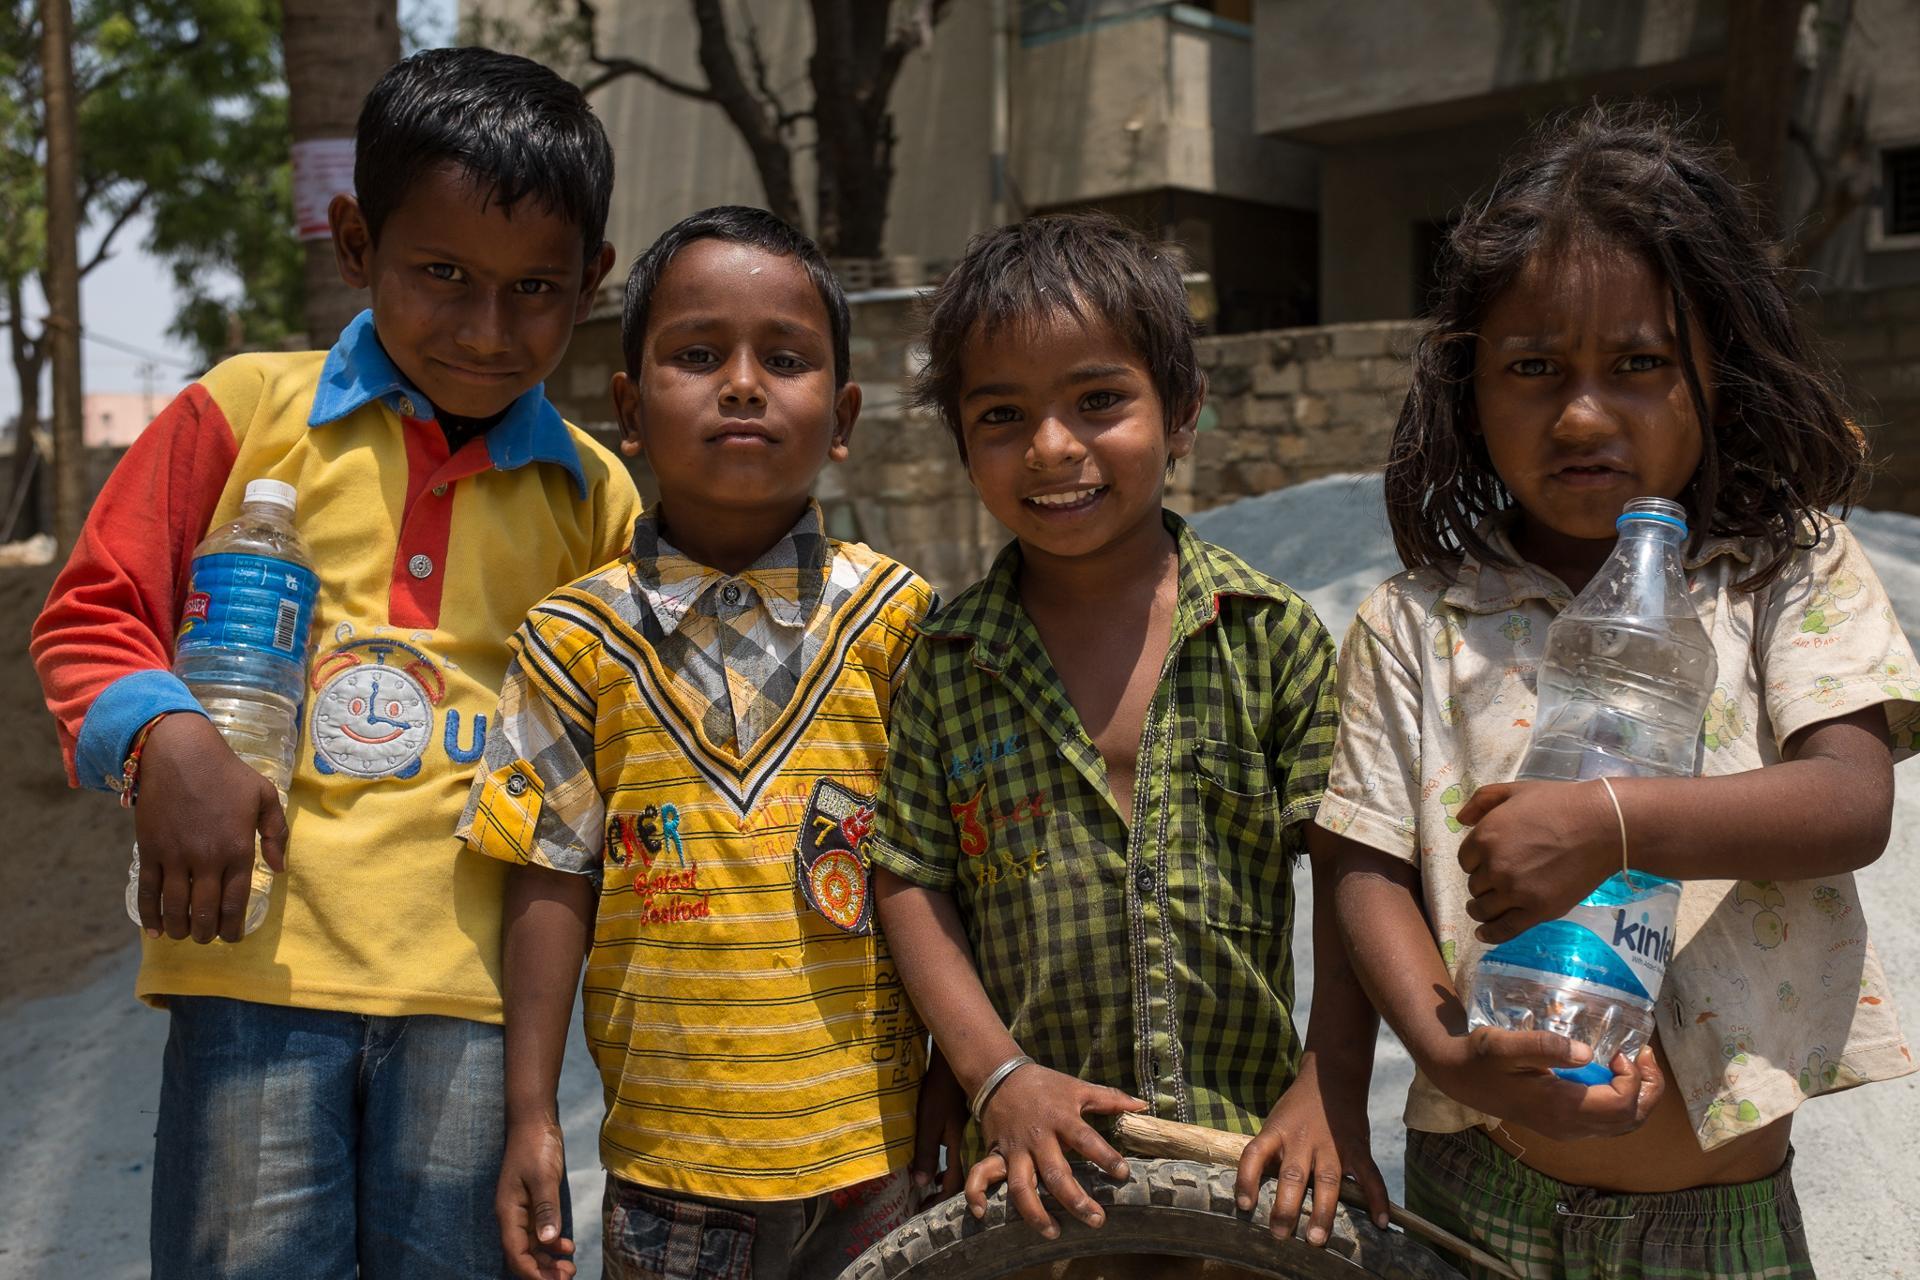 Enfants de Bangalore, Inde